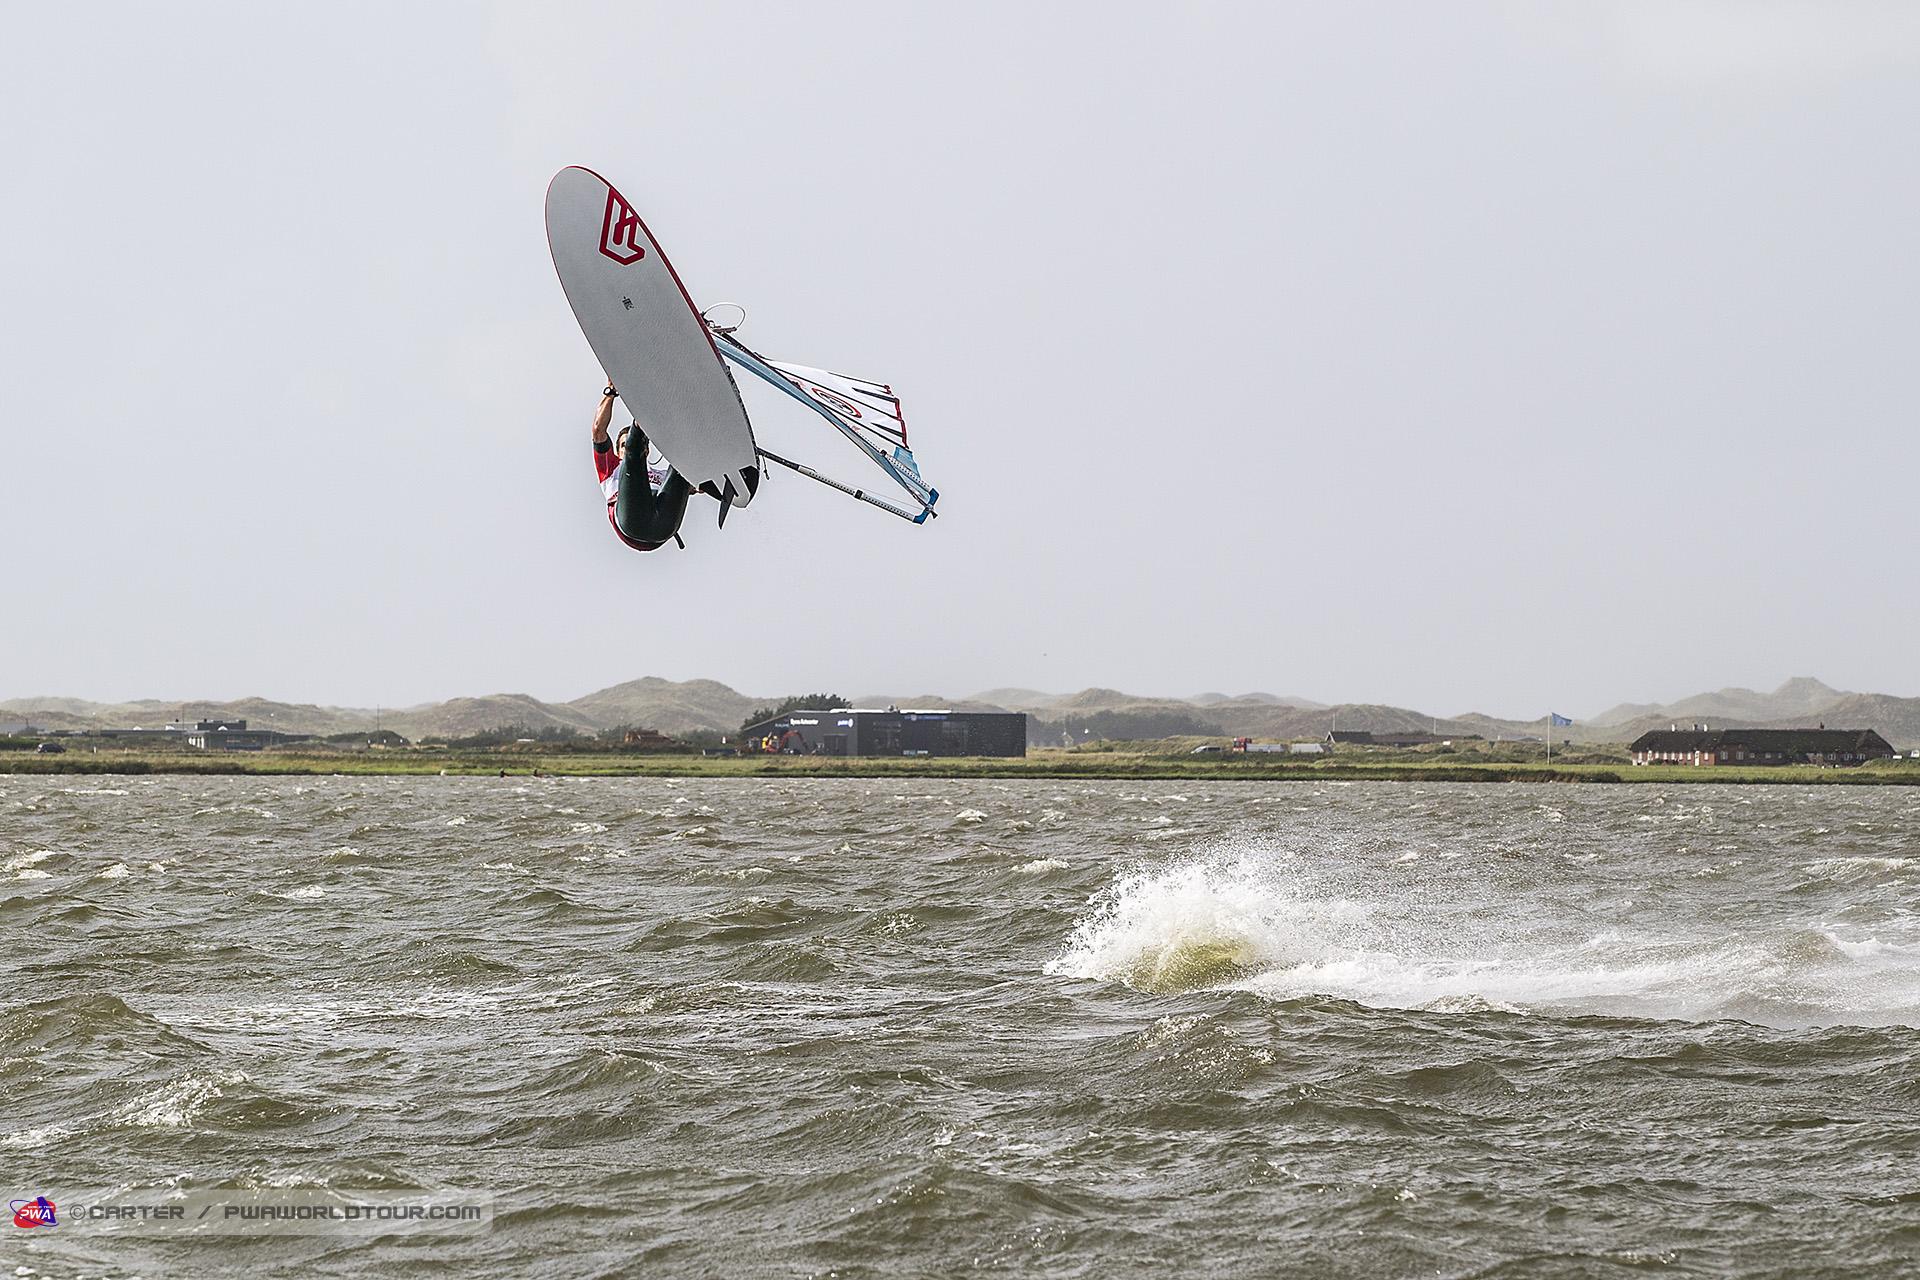 DK17_sl_Pierre_big_air.jpg